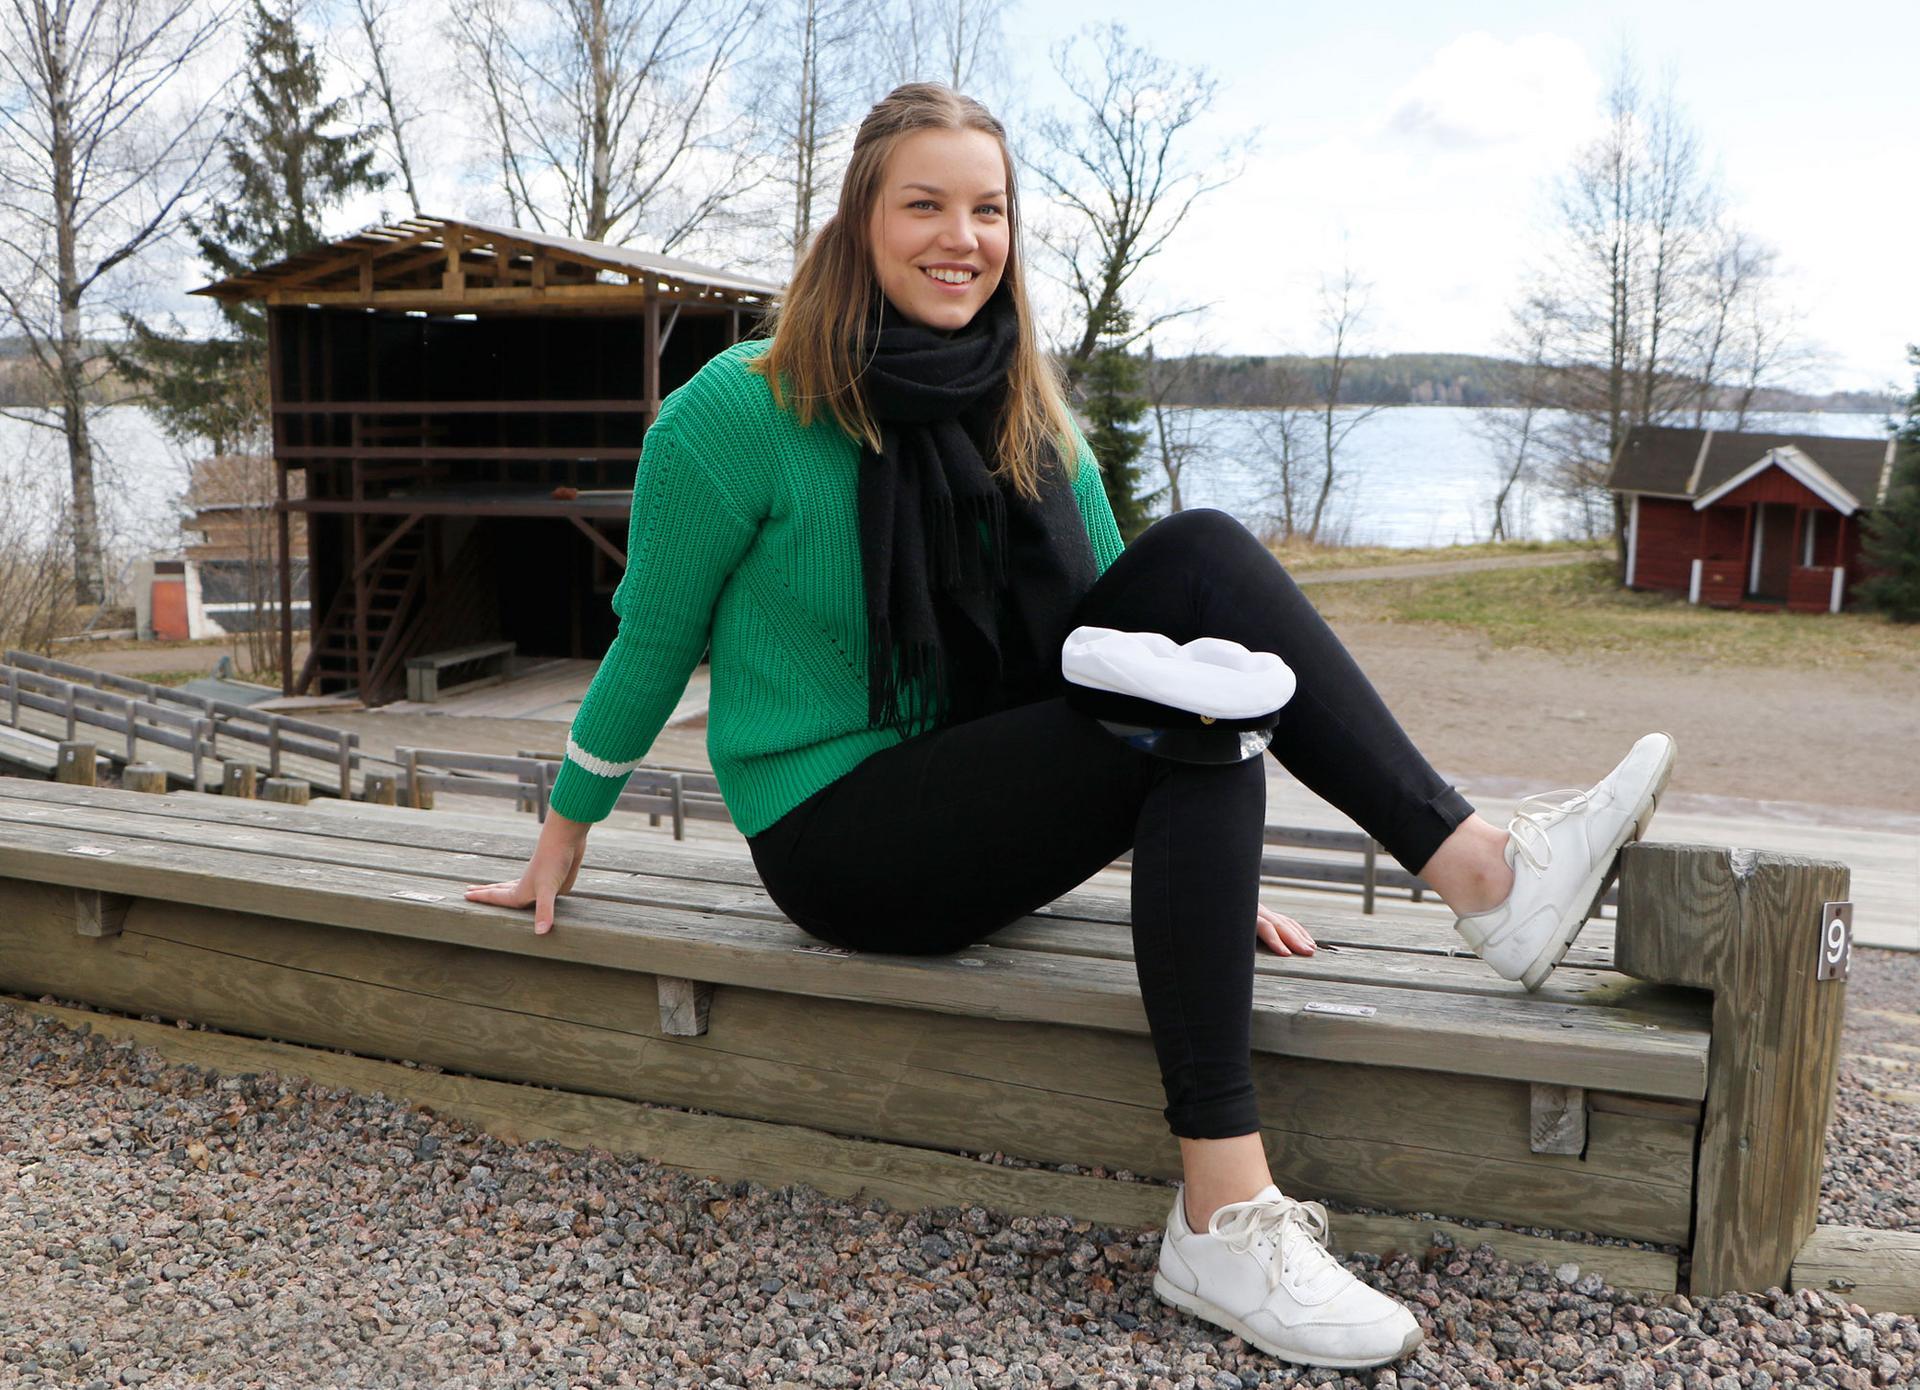 Anni Hakala on ylioppilaskirjoitusten jälkeen nauttinut vapaudesta olla ja tehdä juuri sitä, mikä itsestä hyvältä tuntuu. Korkeakoulujen pääsykokeisiin hän suhtautuu rennosti, sillä suunnitelmissa on joka tapauksessa armeijaan lähtö heinäkuussa.